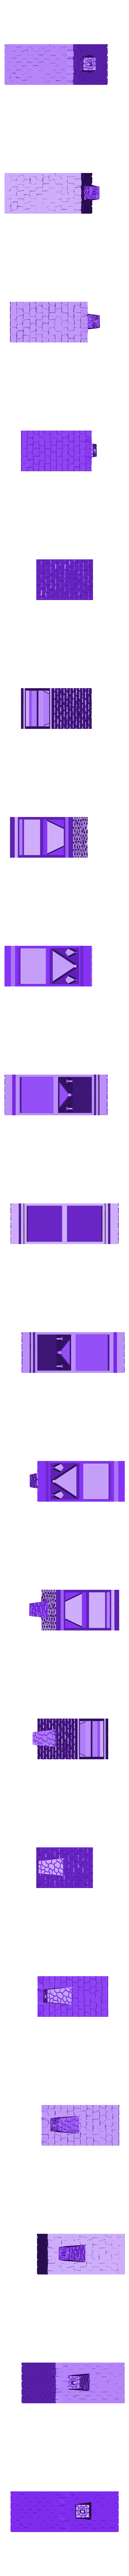 viking-house-back-roof.stl Télécharger fichier STL gratuit Maison viking fantaisiste • Plan imprimable en 3D, Terrain4Print